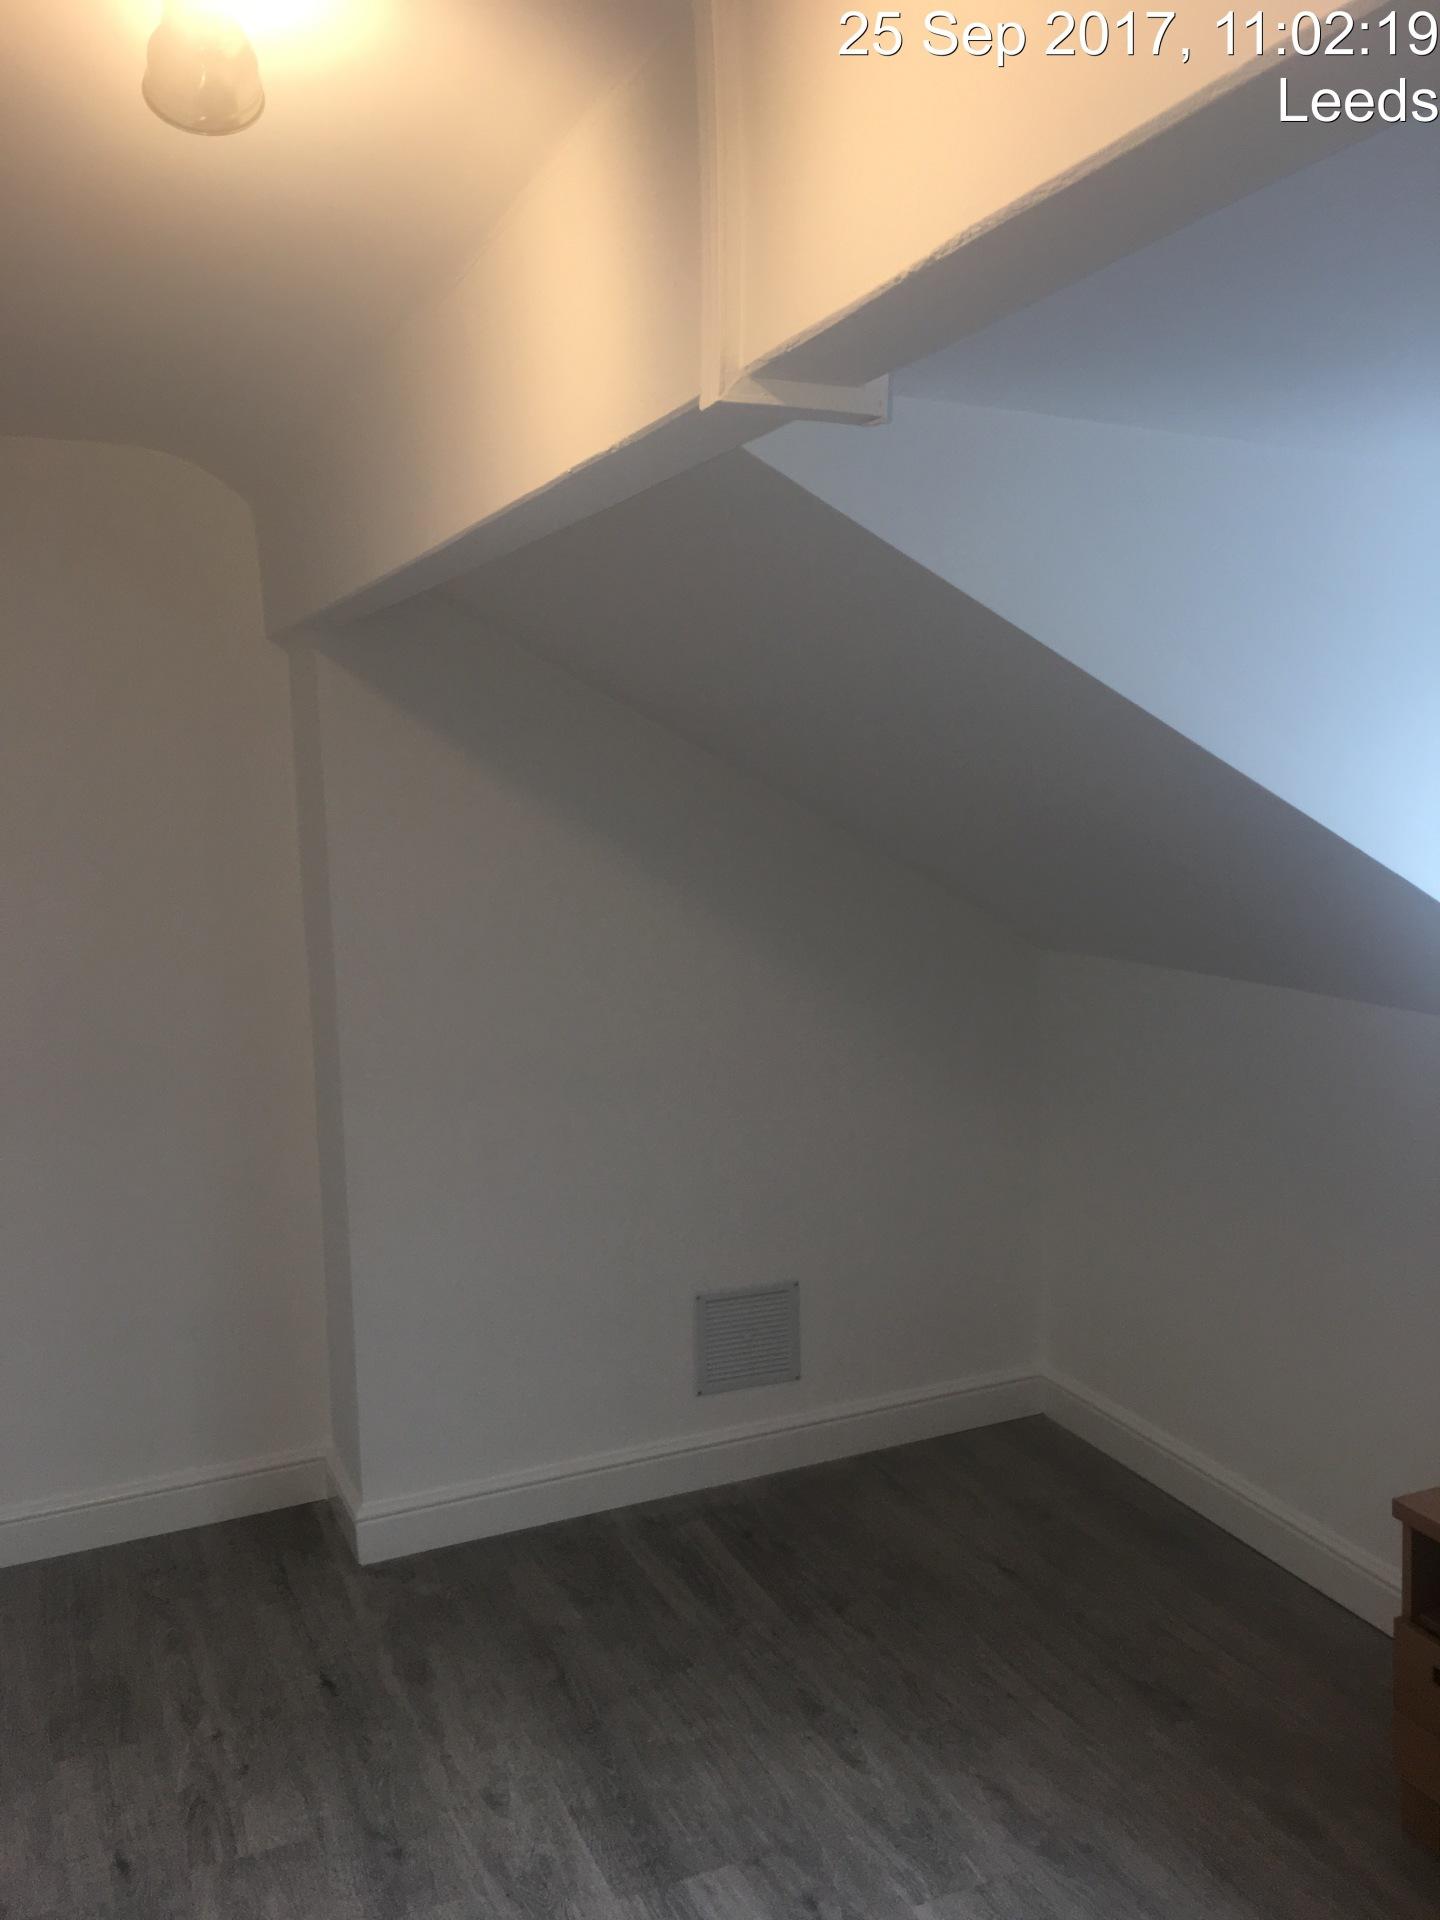 Room in Roof - Leeds